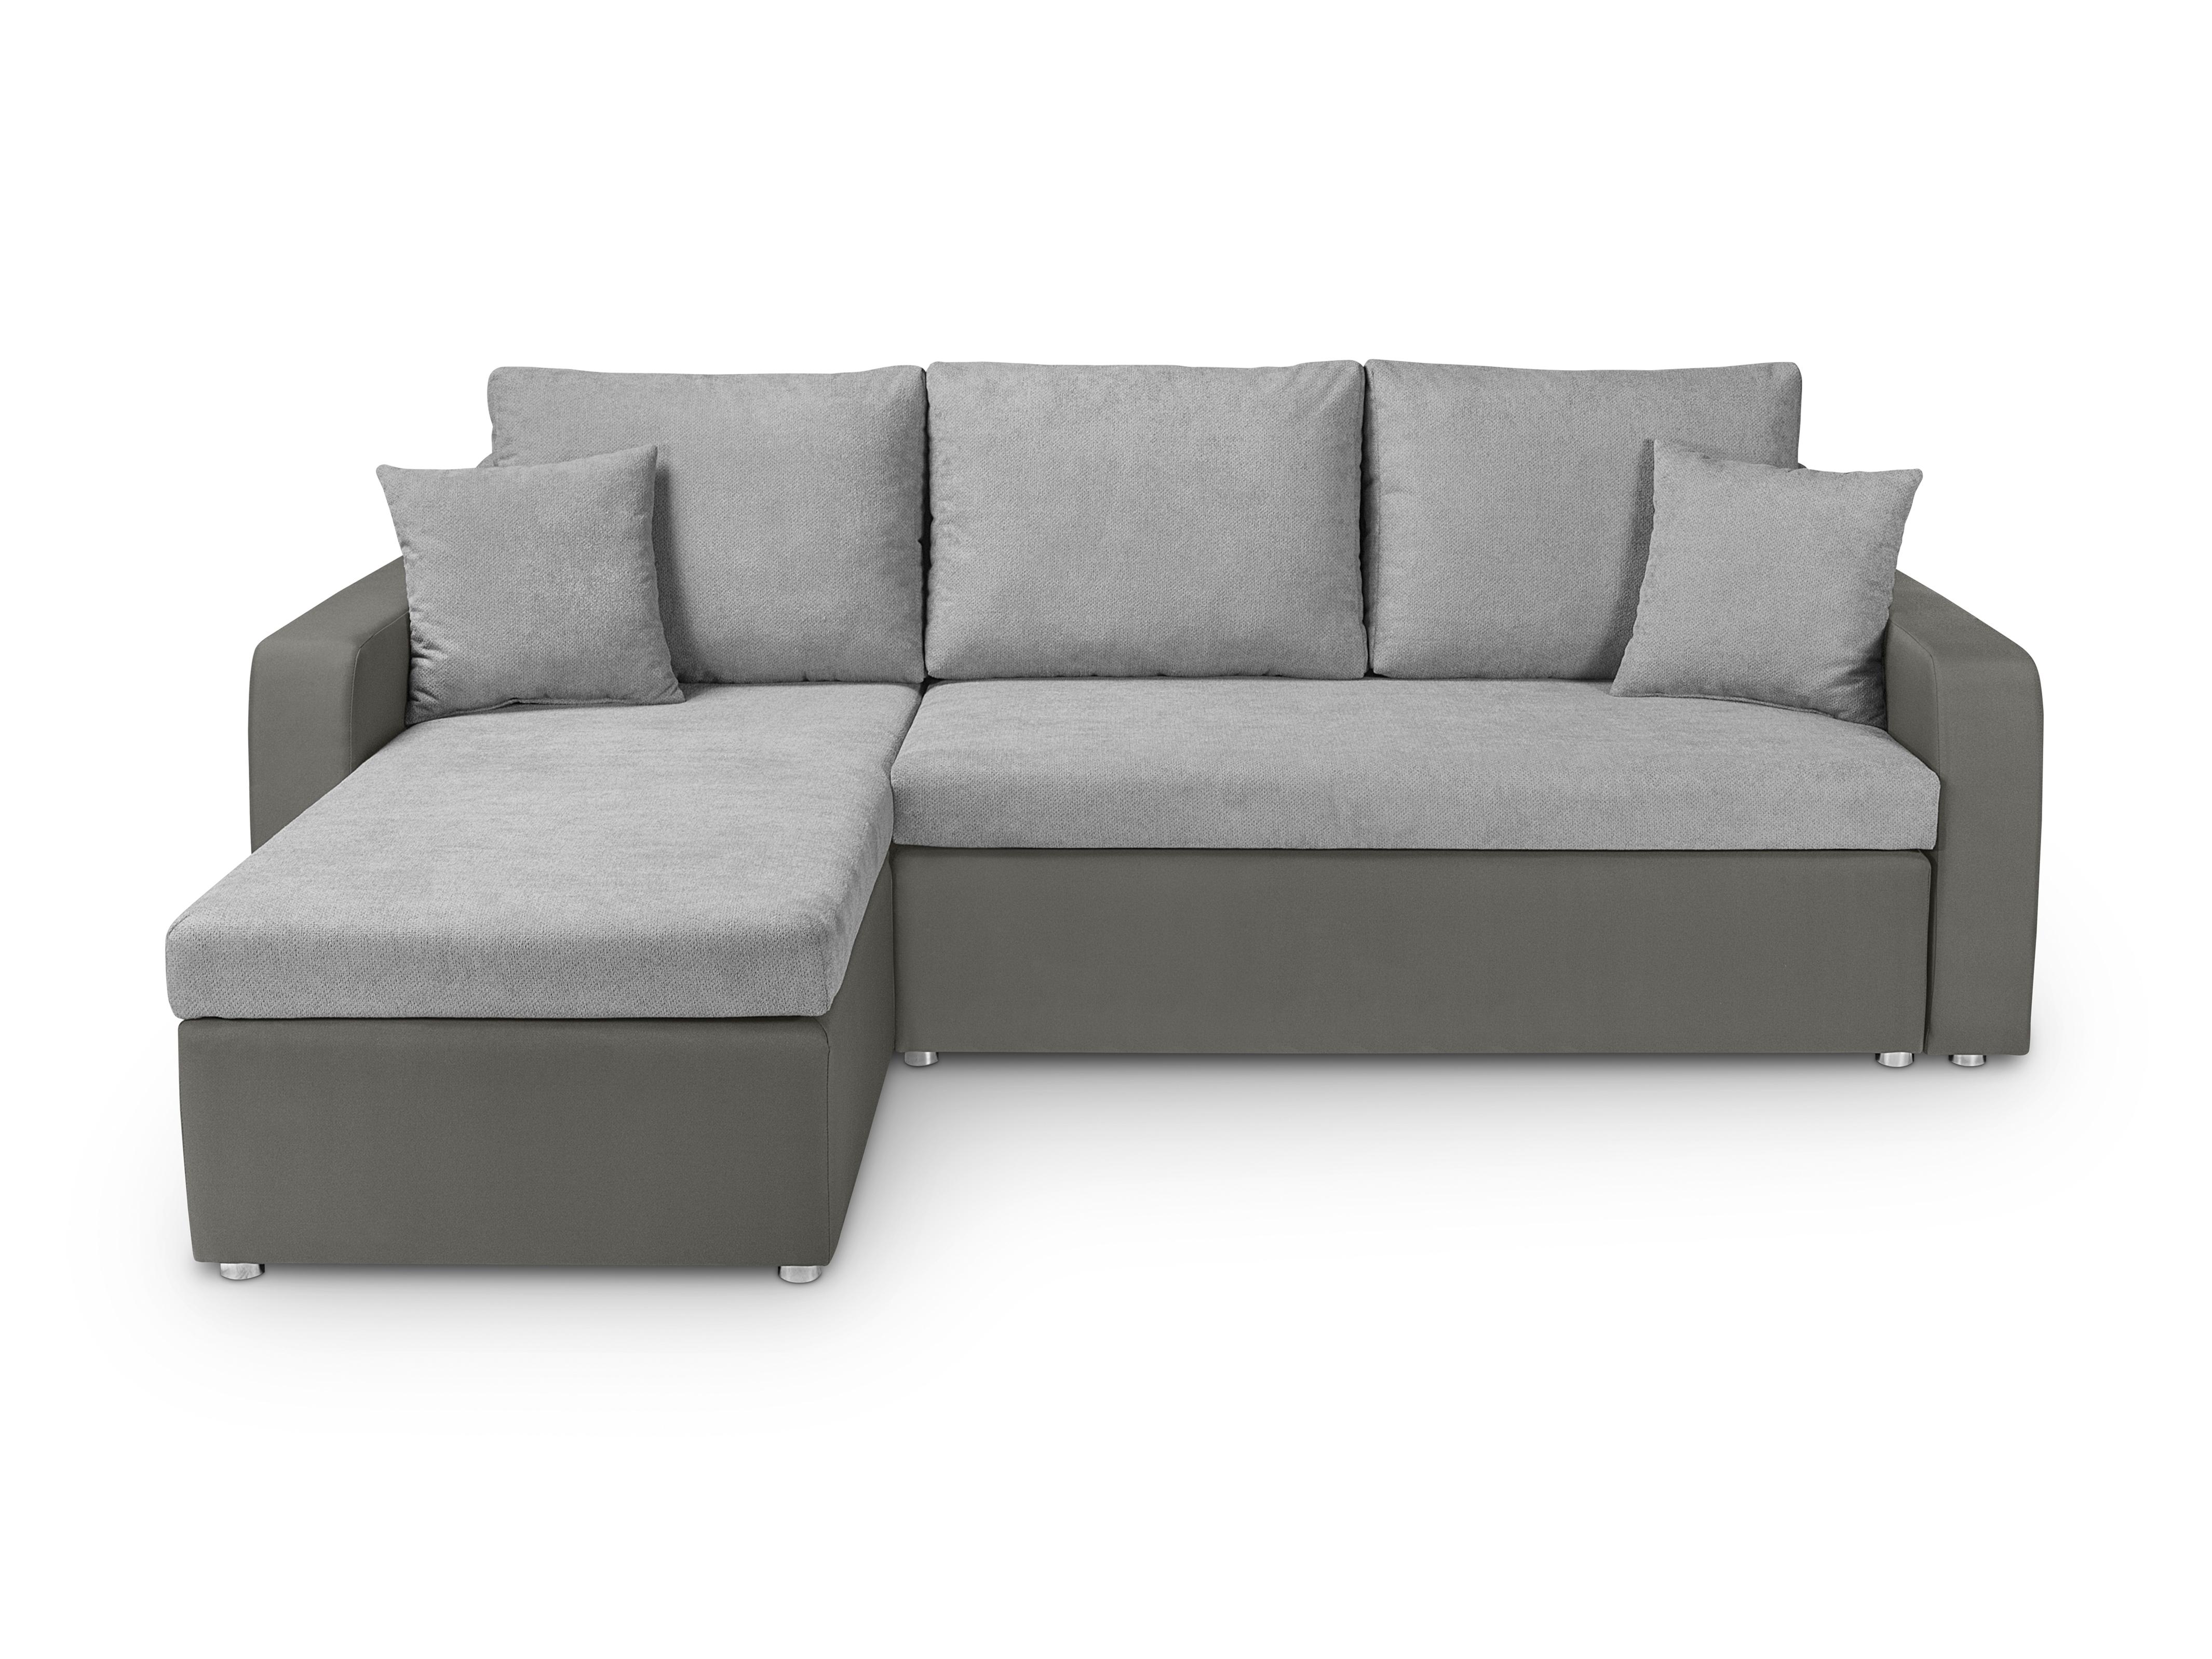 Rohová sedací souprava - BRW - Molly Lux 3DL.URC (šedá) (L)